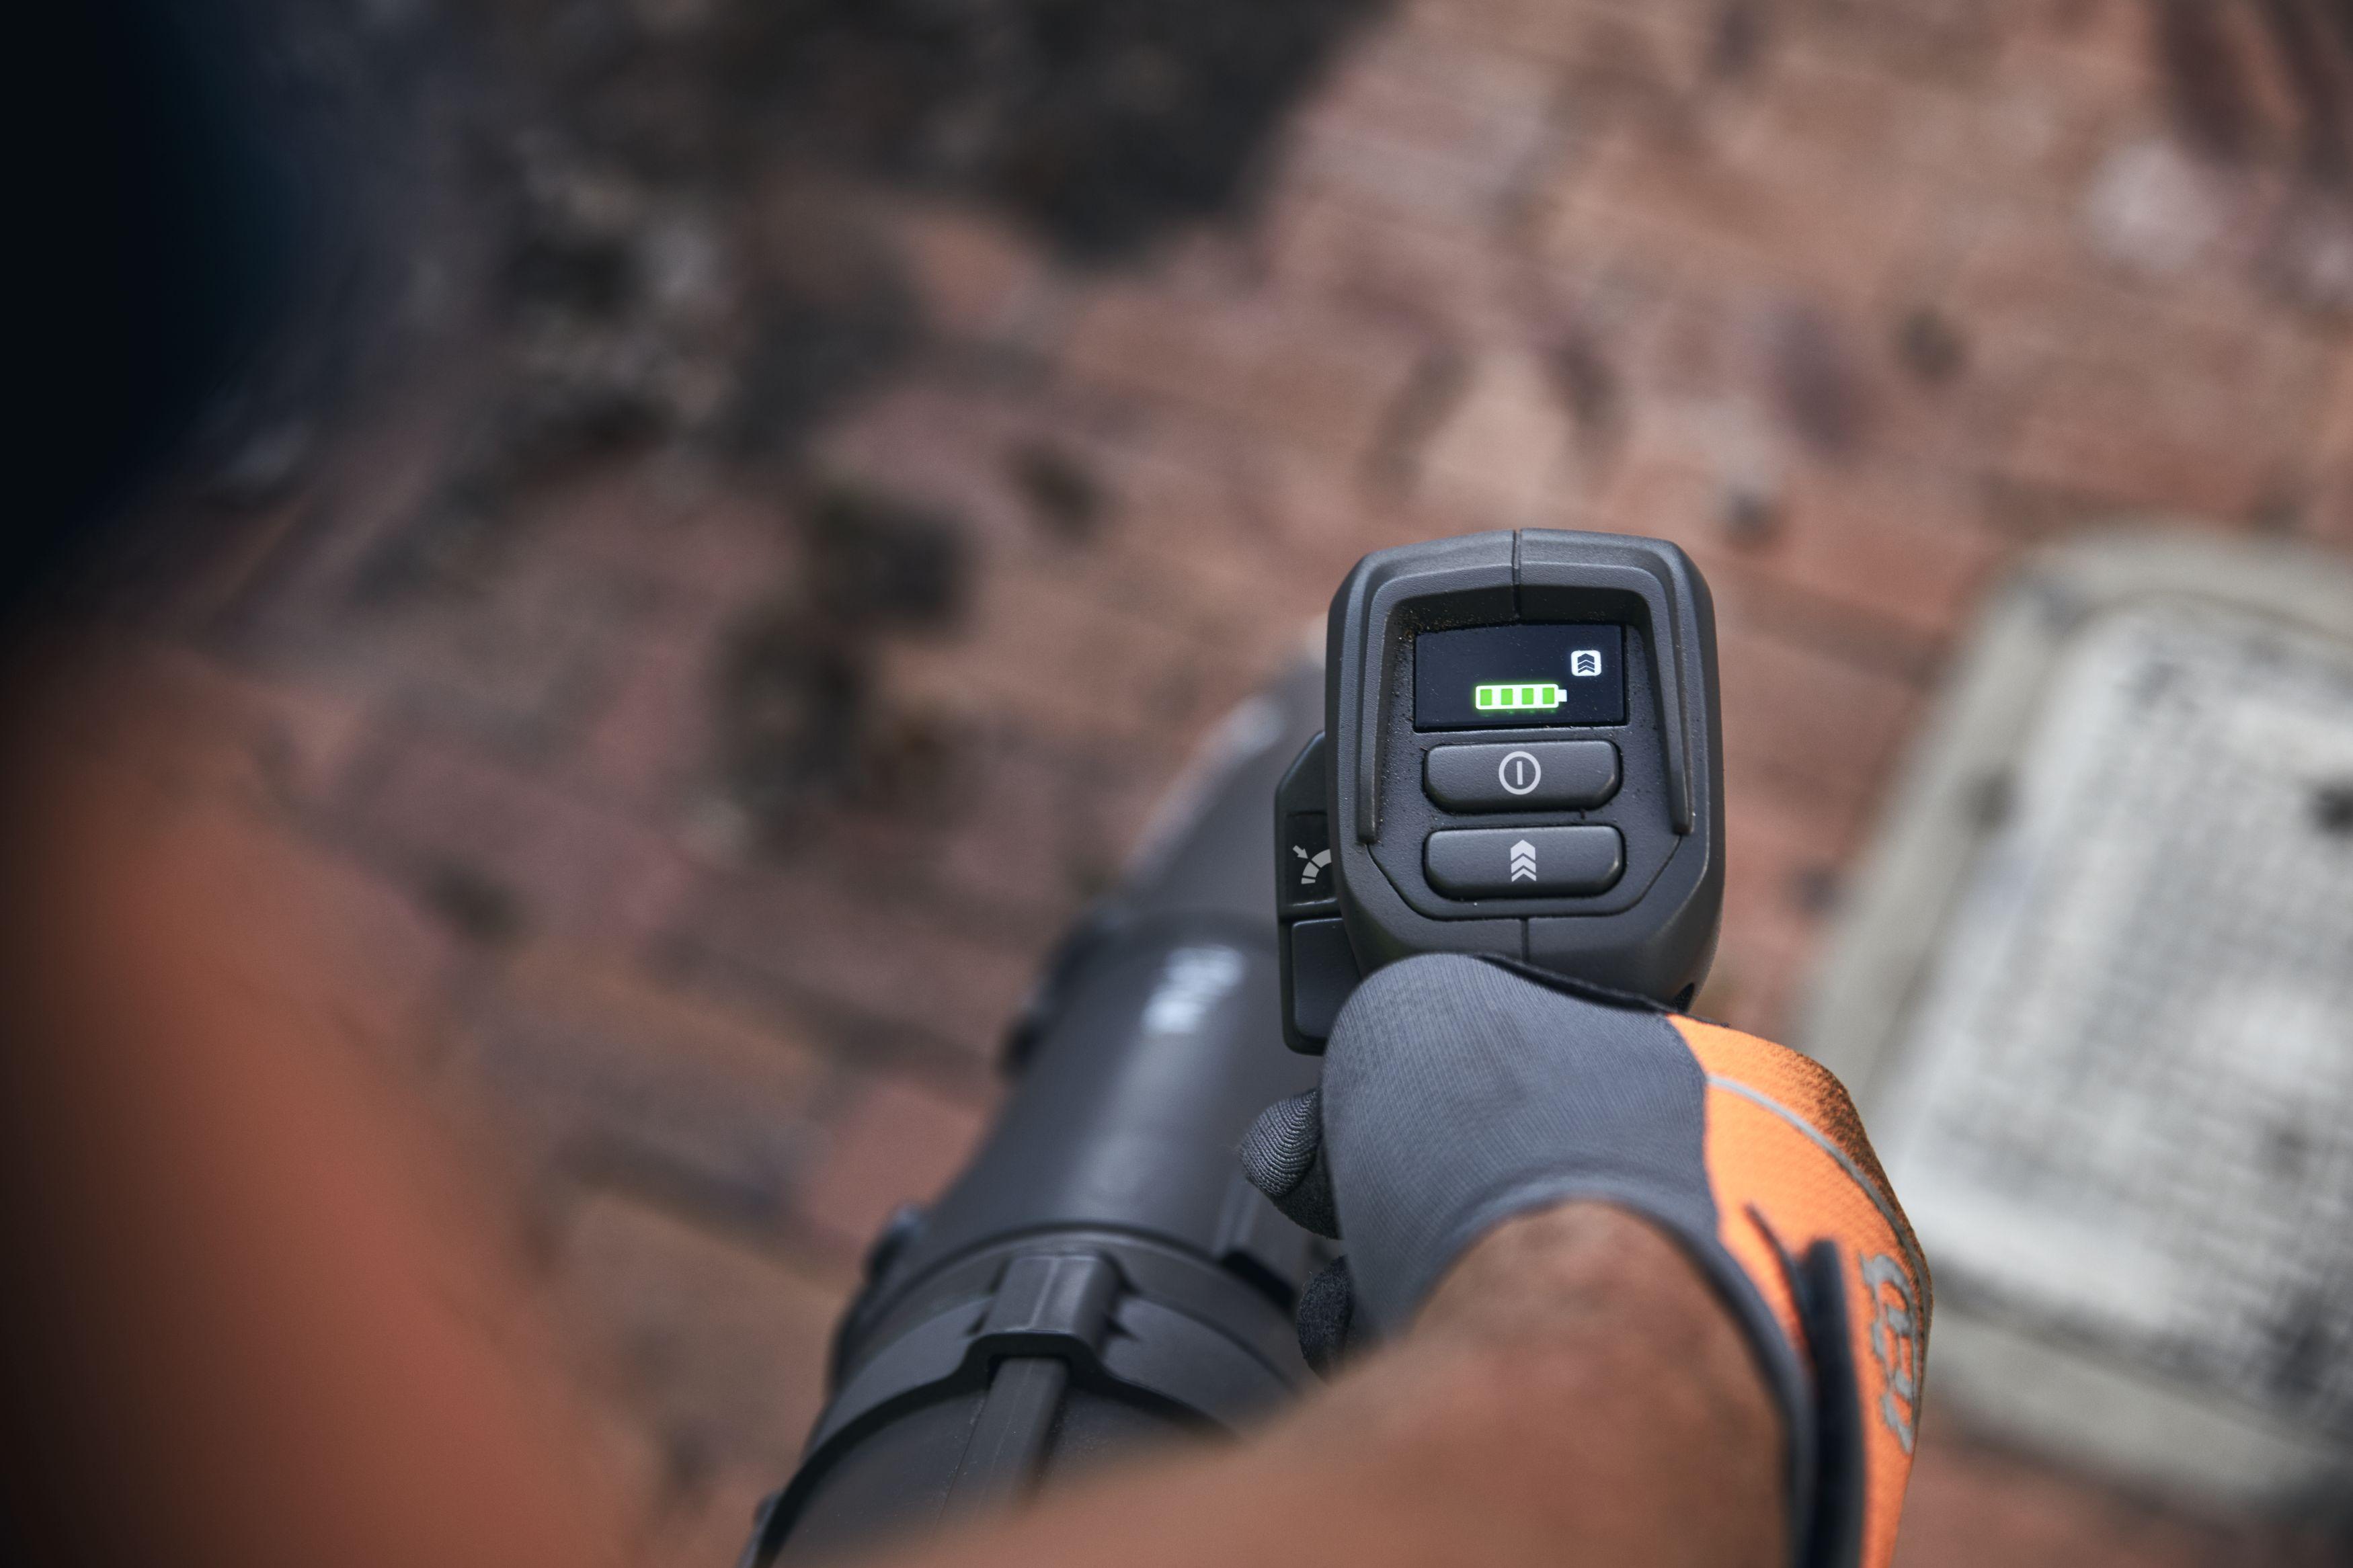 akumulatora lapu pūtēja vadības pogas ar vīrieša roku